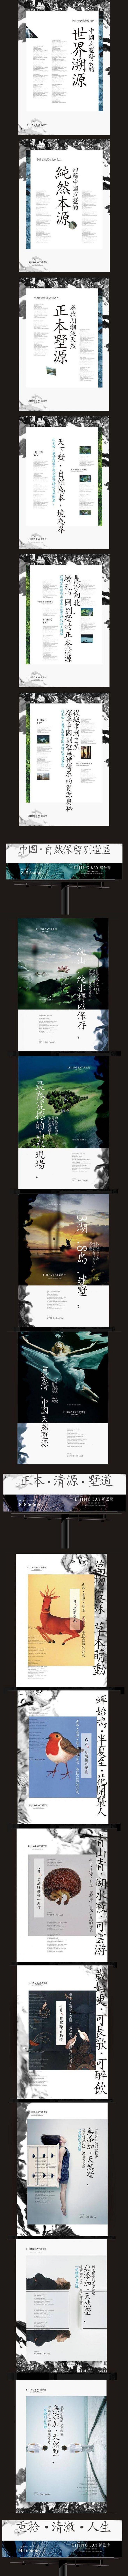 冉染采集到海报——房地产——中式/简约(1001图)_花瓣平面设计